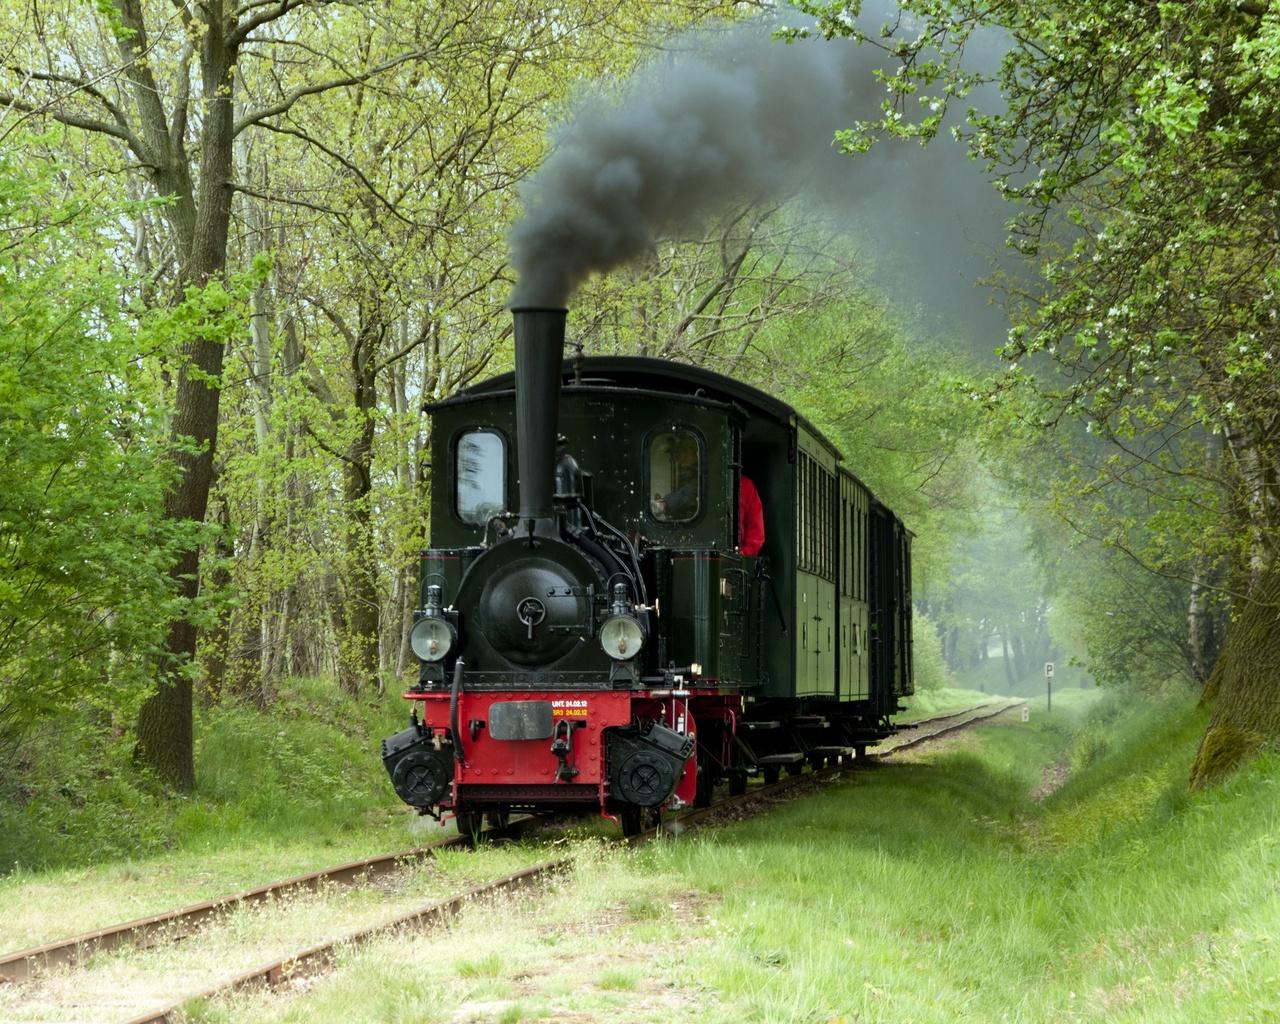 железные дороги, рельсы, трава, деревья, локомотив, ретро, дым